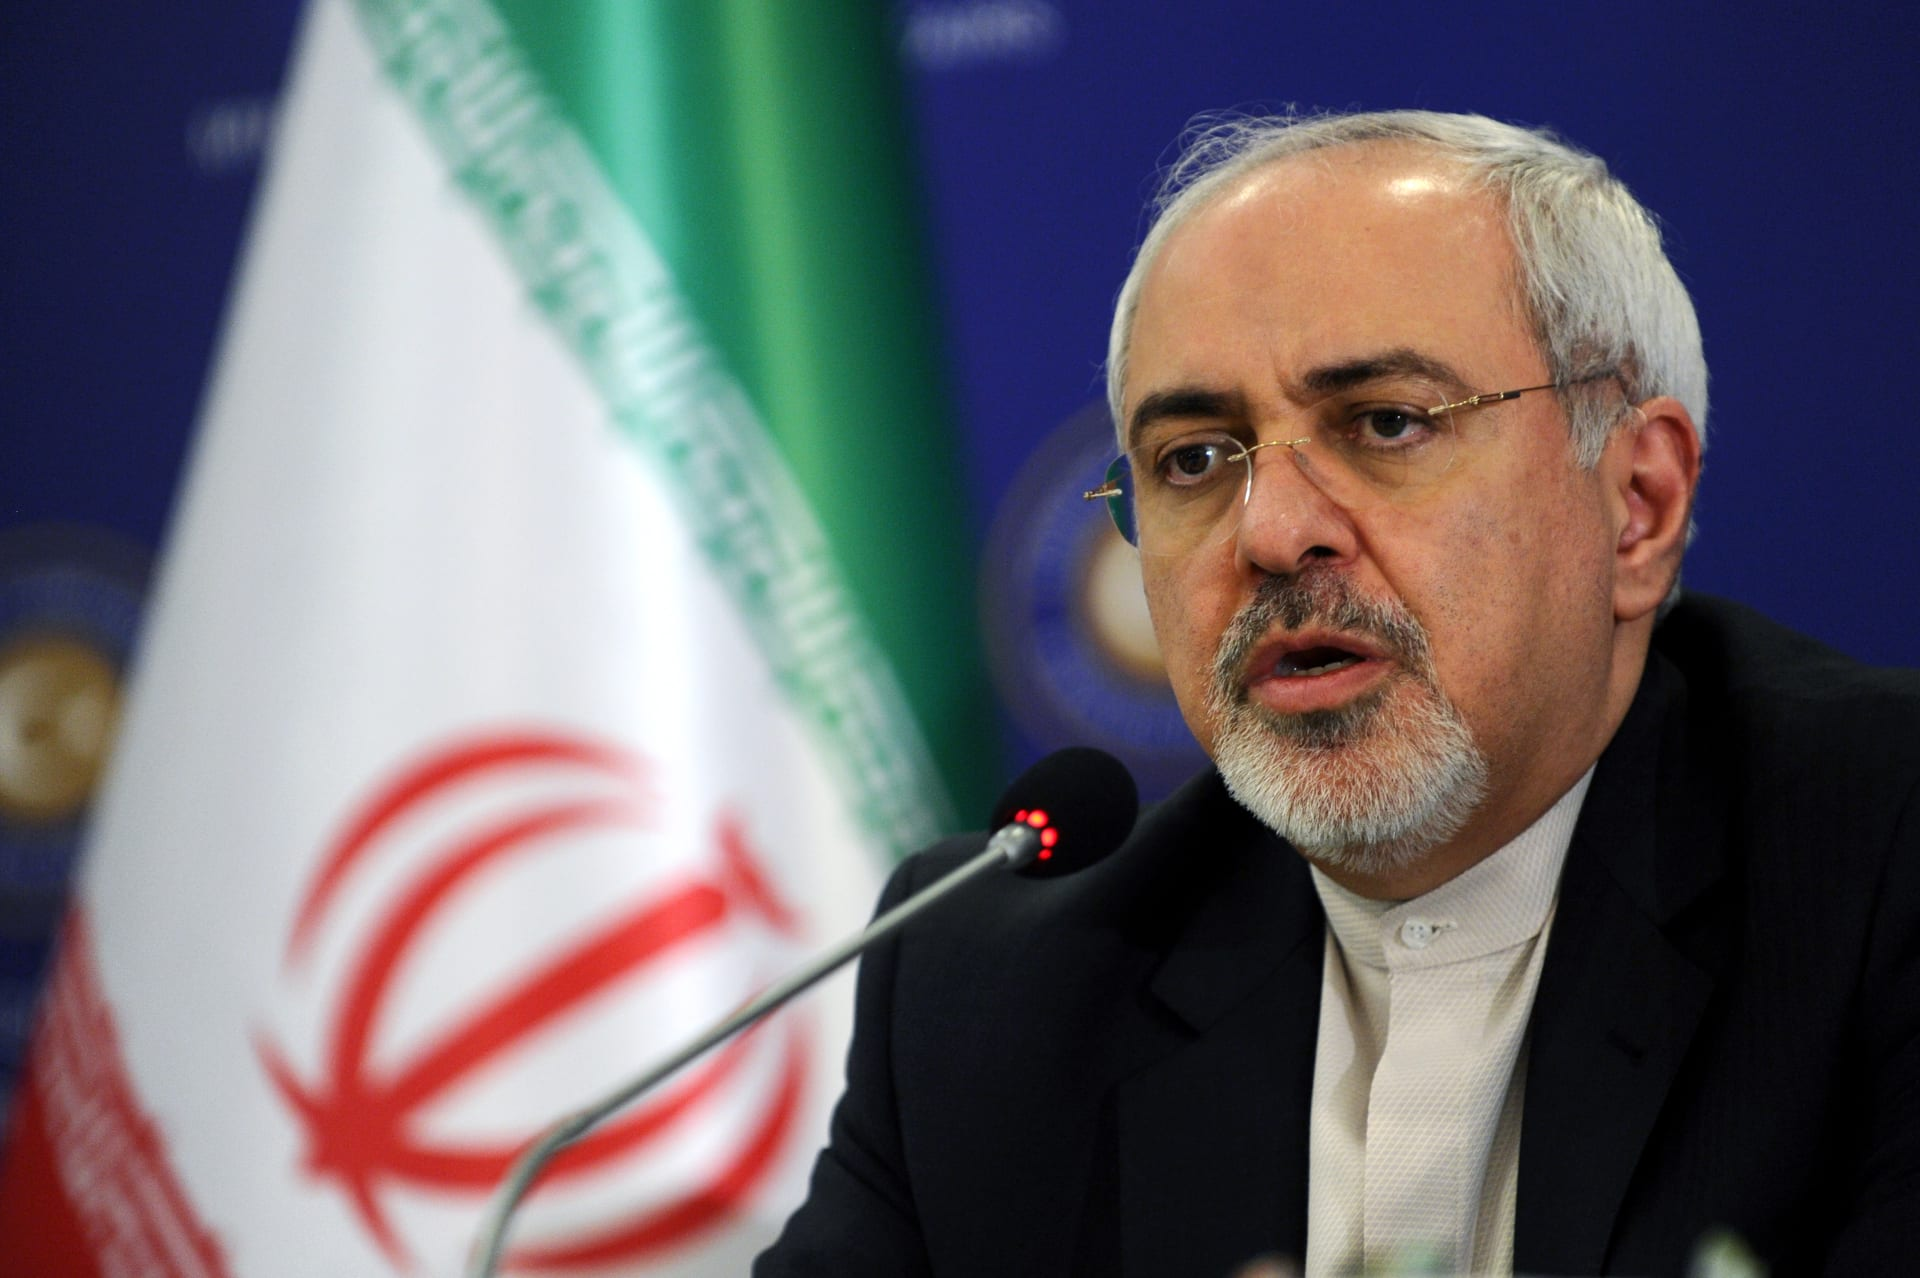 ظريف: اللقاء مع السعودية سيعزز الأمن بالمنطقة